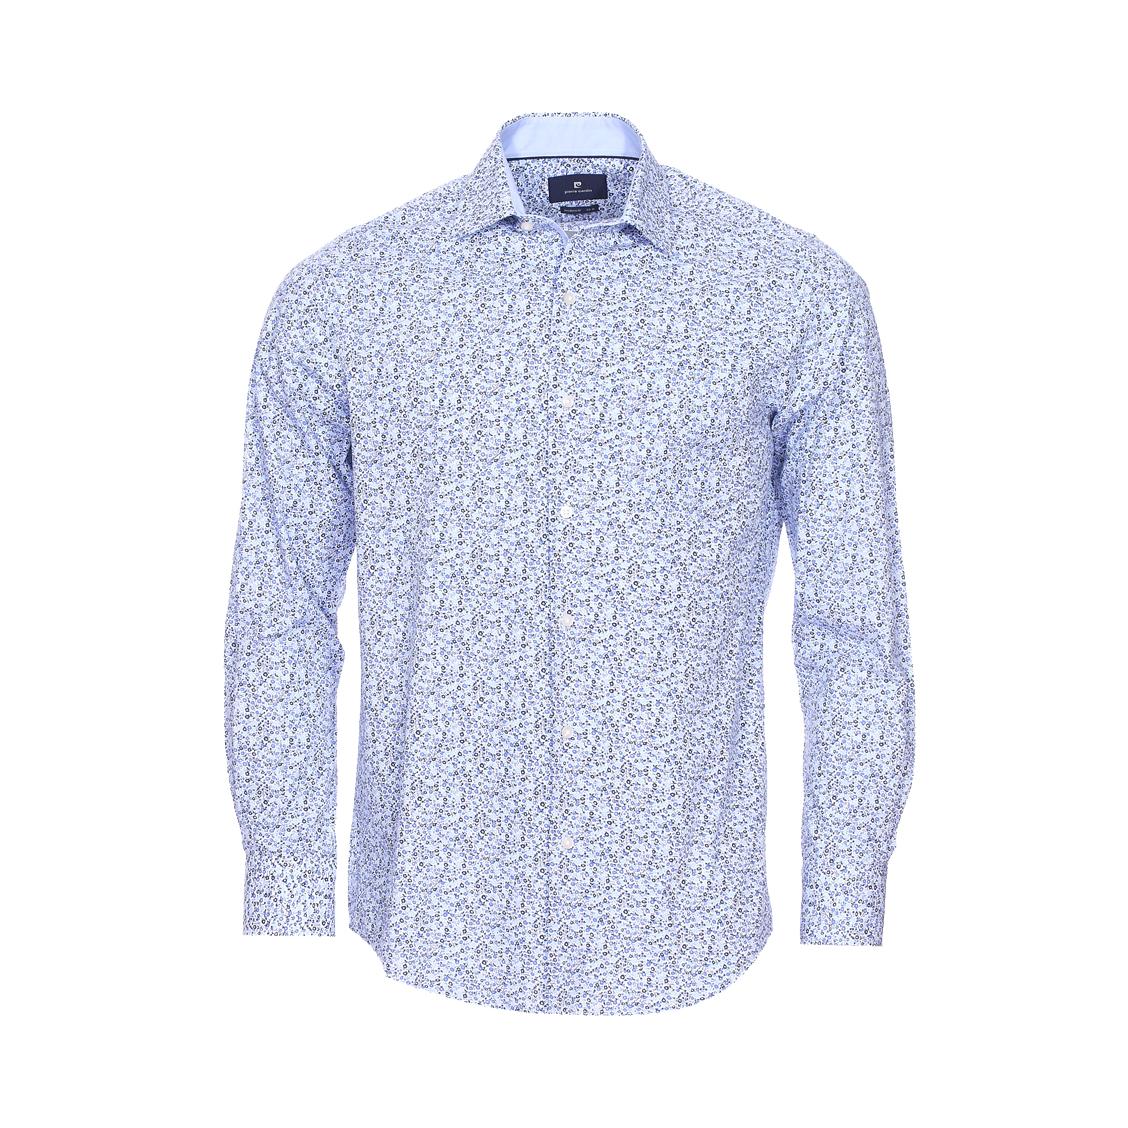 Chemise ajustée  en coton à motifs floraux bleu marine et bleu ciel